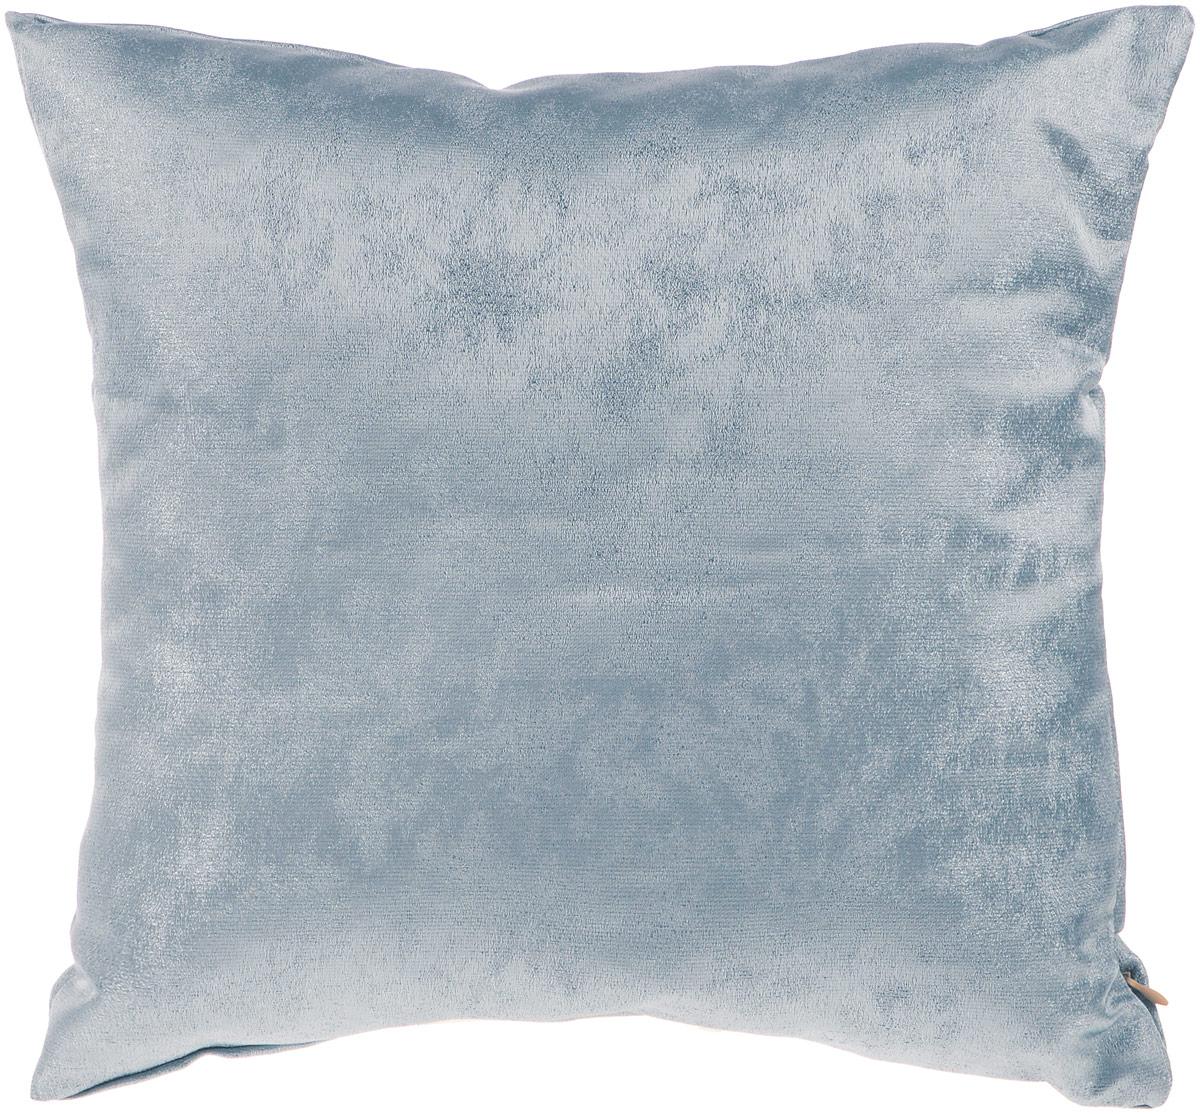 Подушка декоративная KauffOrt Магия, цвет: серо-синий, 40 x 40 см3121909645Декоративная подушка Магия прекрасно дополнит интерьер спальни или гостиной. Приятный на ощупь чехол подушки выполнен из полиэстера. Внутри находится мягкий наполнитель. Чехол легко снимается благодаря потайной молнии в тон ткани. Красивая подушка создаст атмосферу уюта и комфорта в спальне и станет прекрасным элементом декора.